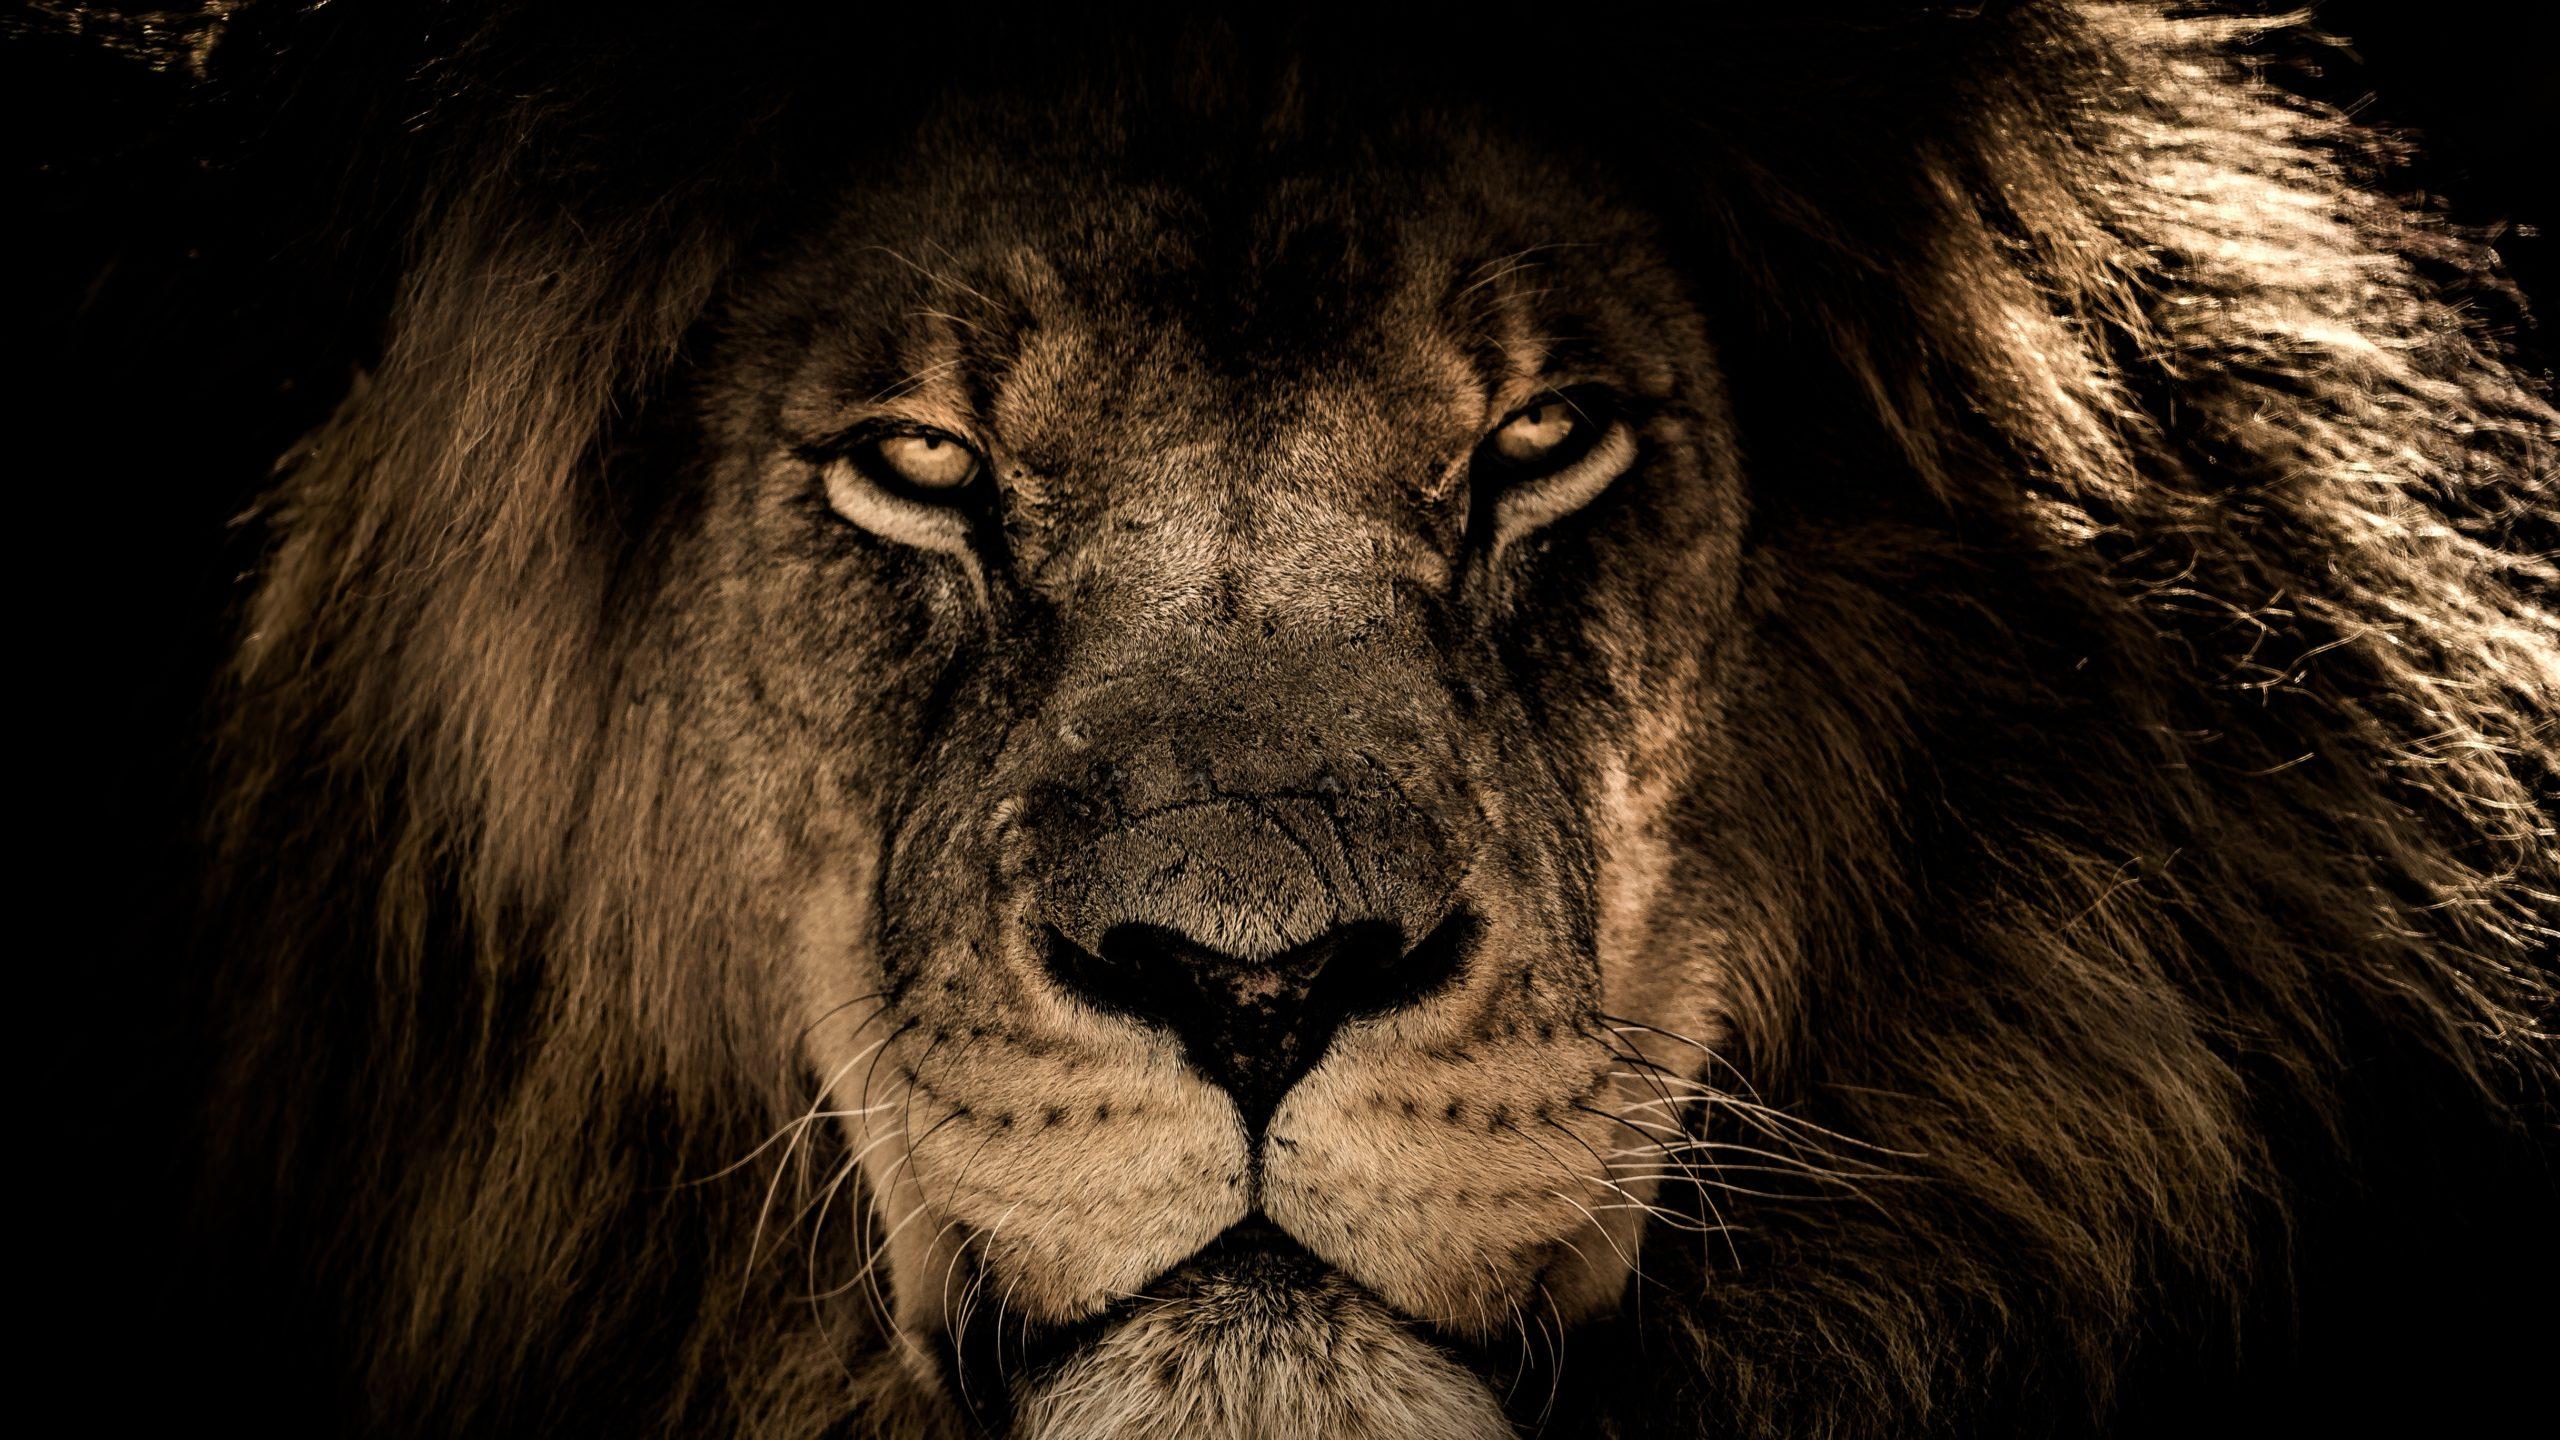 Motivational Desktop Cute Wallpaper African Lion 4k Uhd Wallpaper